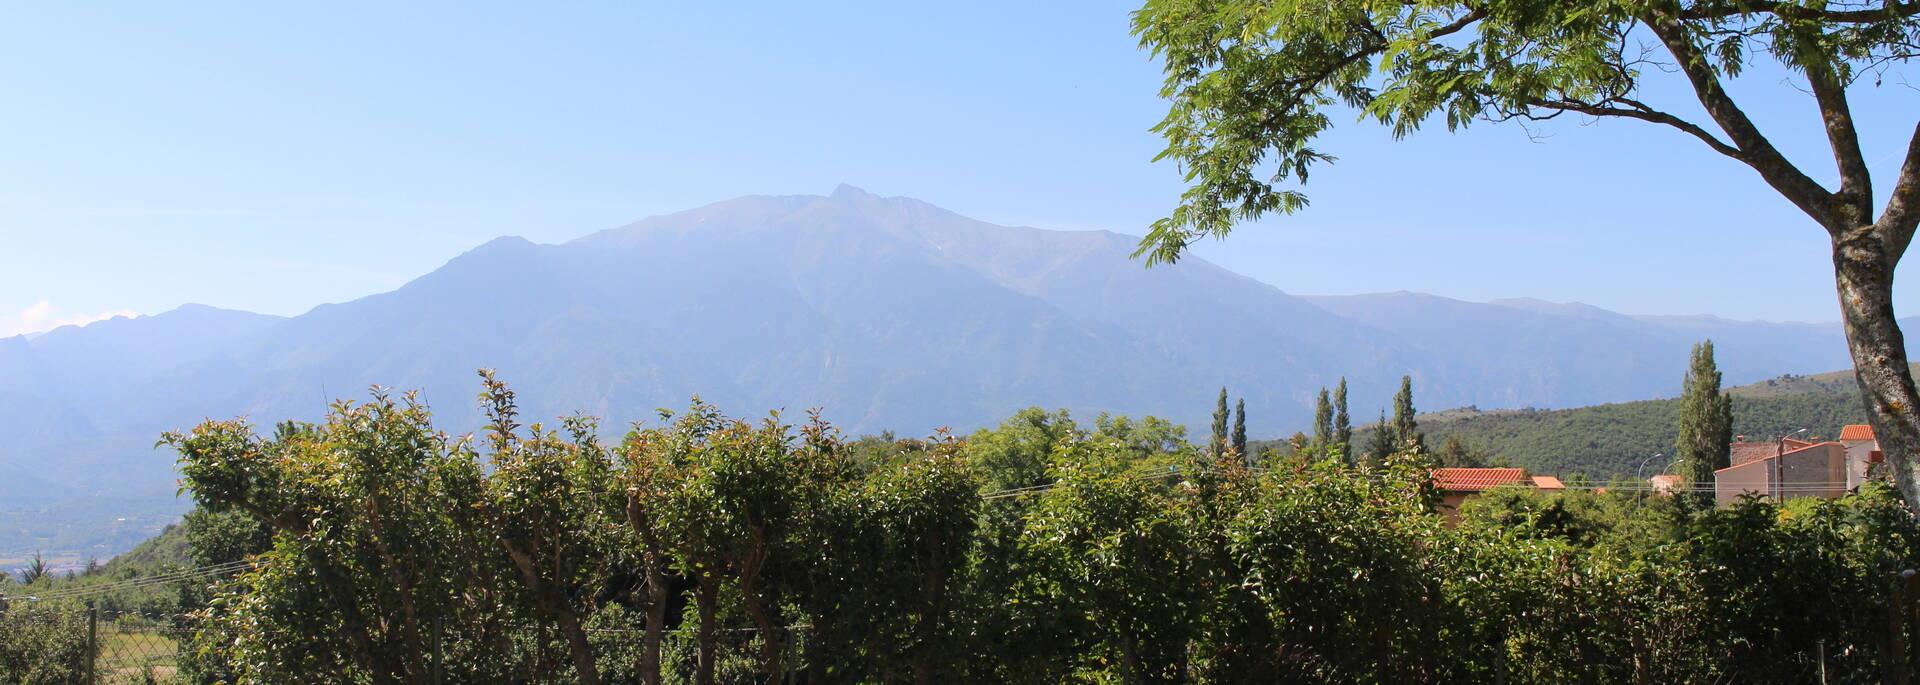 Vue du Canigou depuis Molitg les Bains